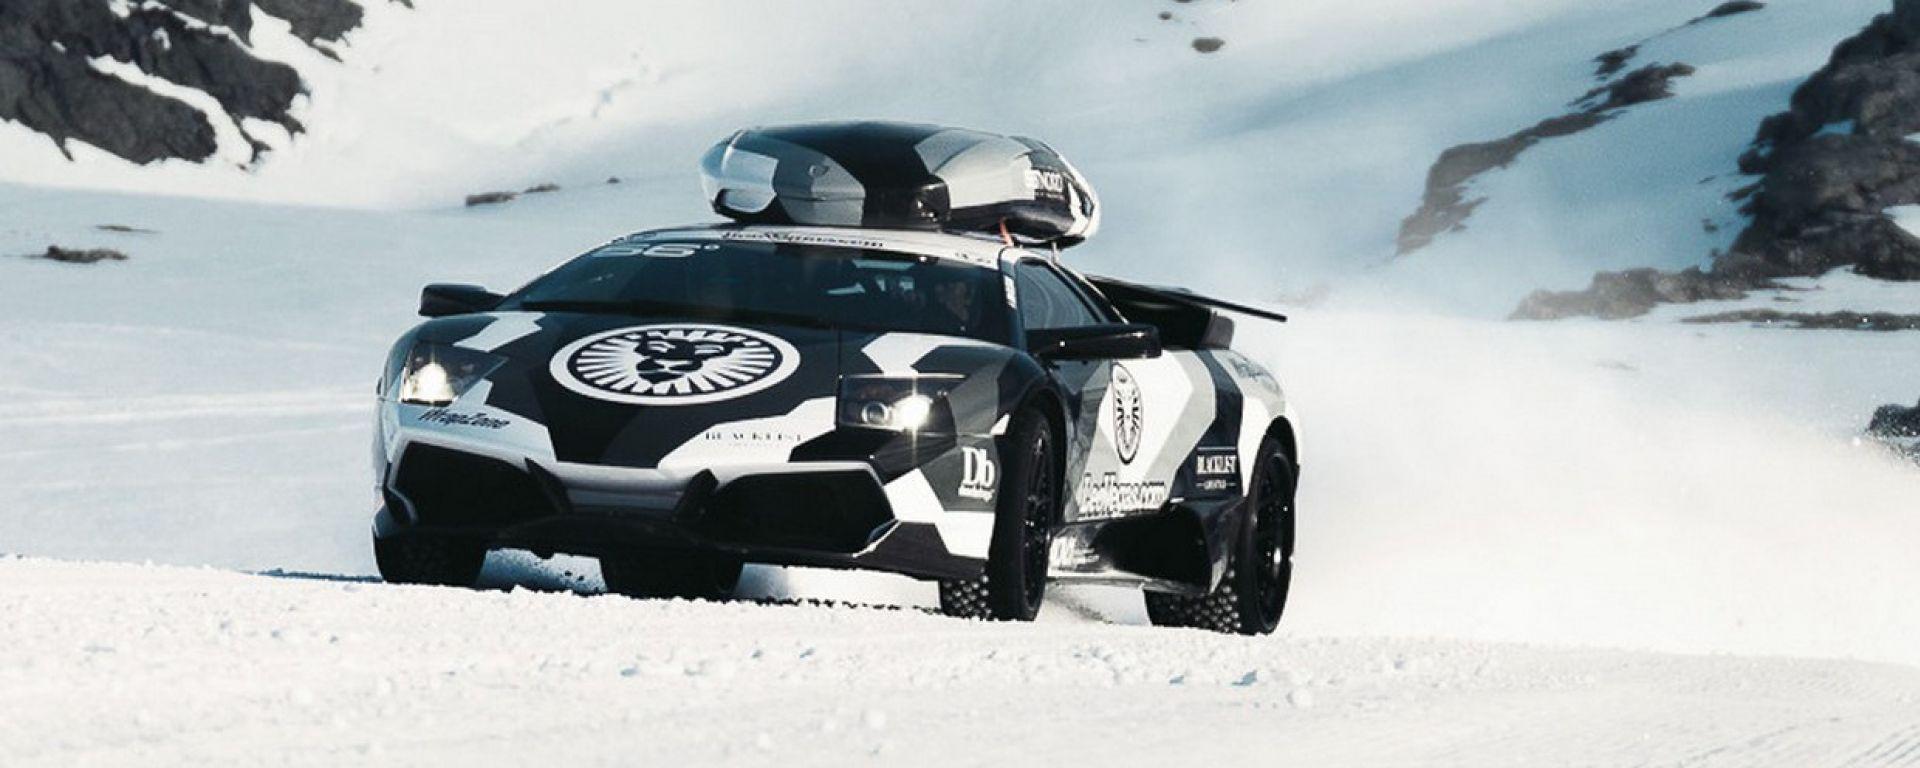 La Lamborghini Murcielago di Jon Olsson con livrea speciale